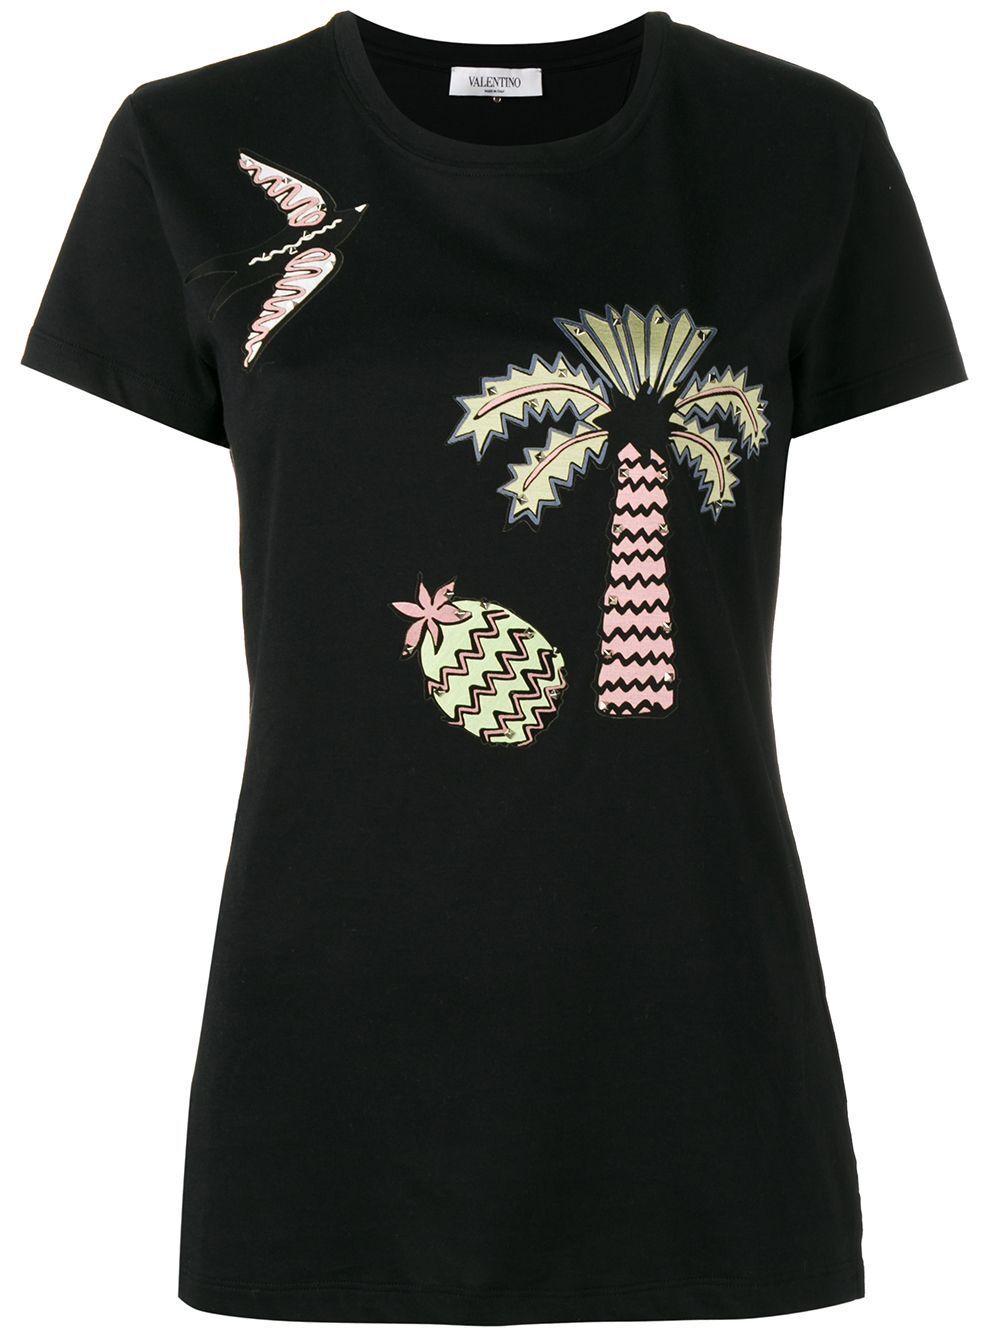 Nuevo Con Etiquetas  890 Valentino tropical sueño apliques  Camiseta Tamaño S  precio mas barato